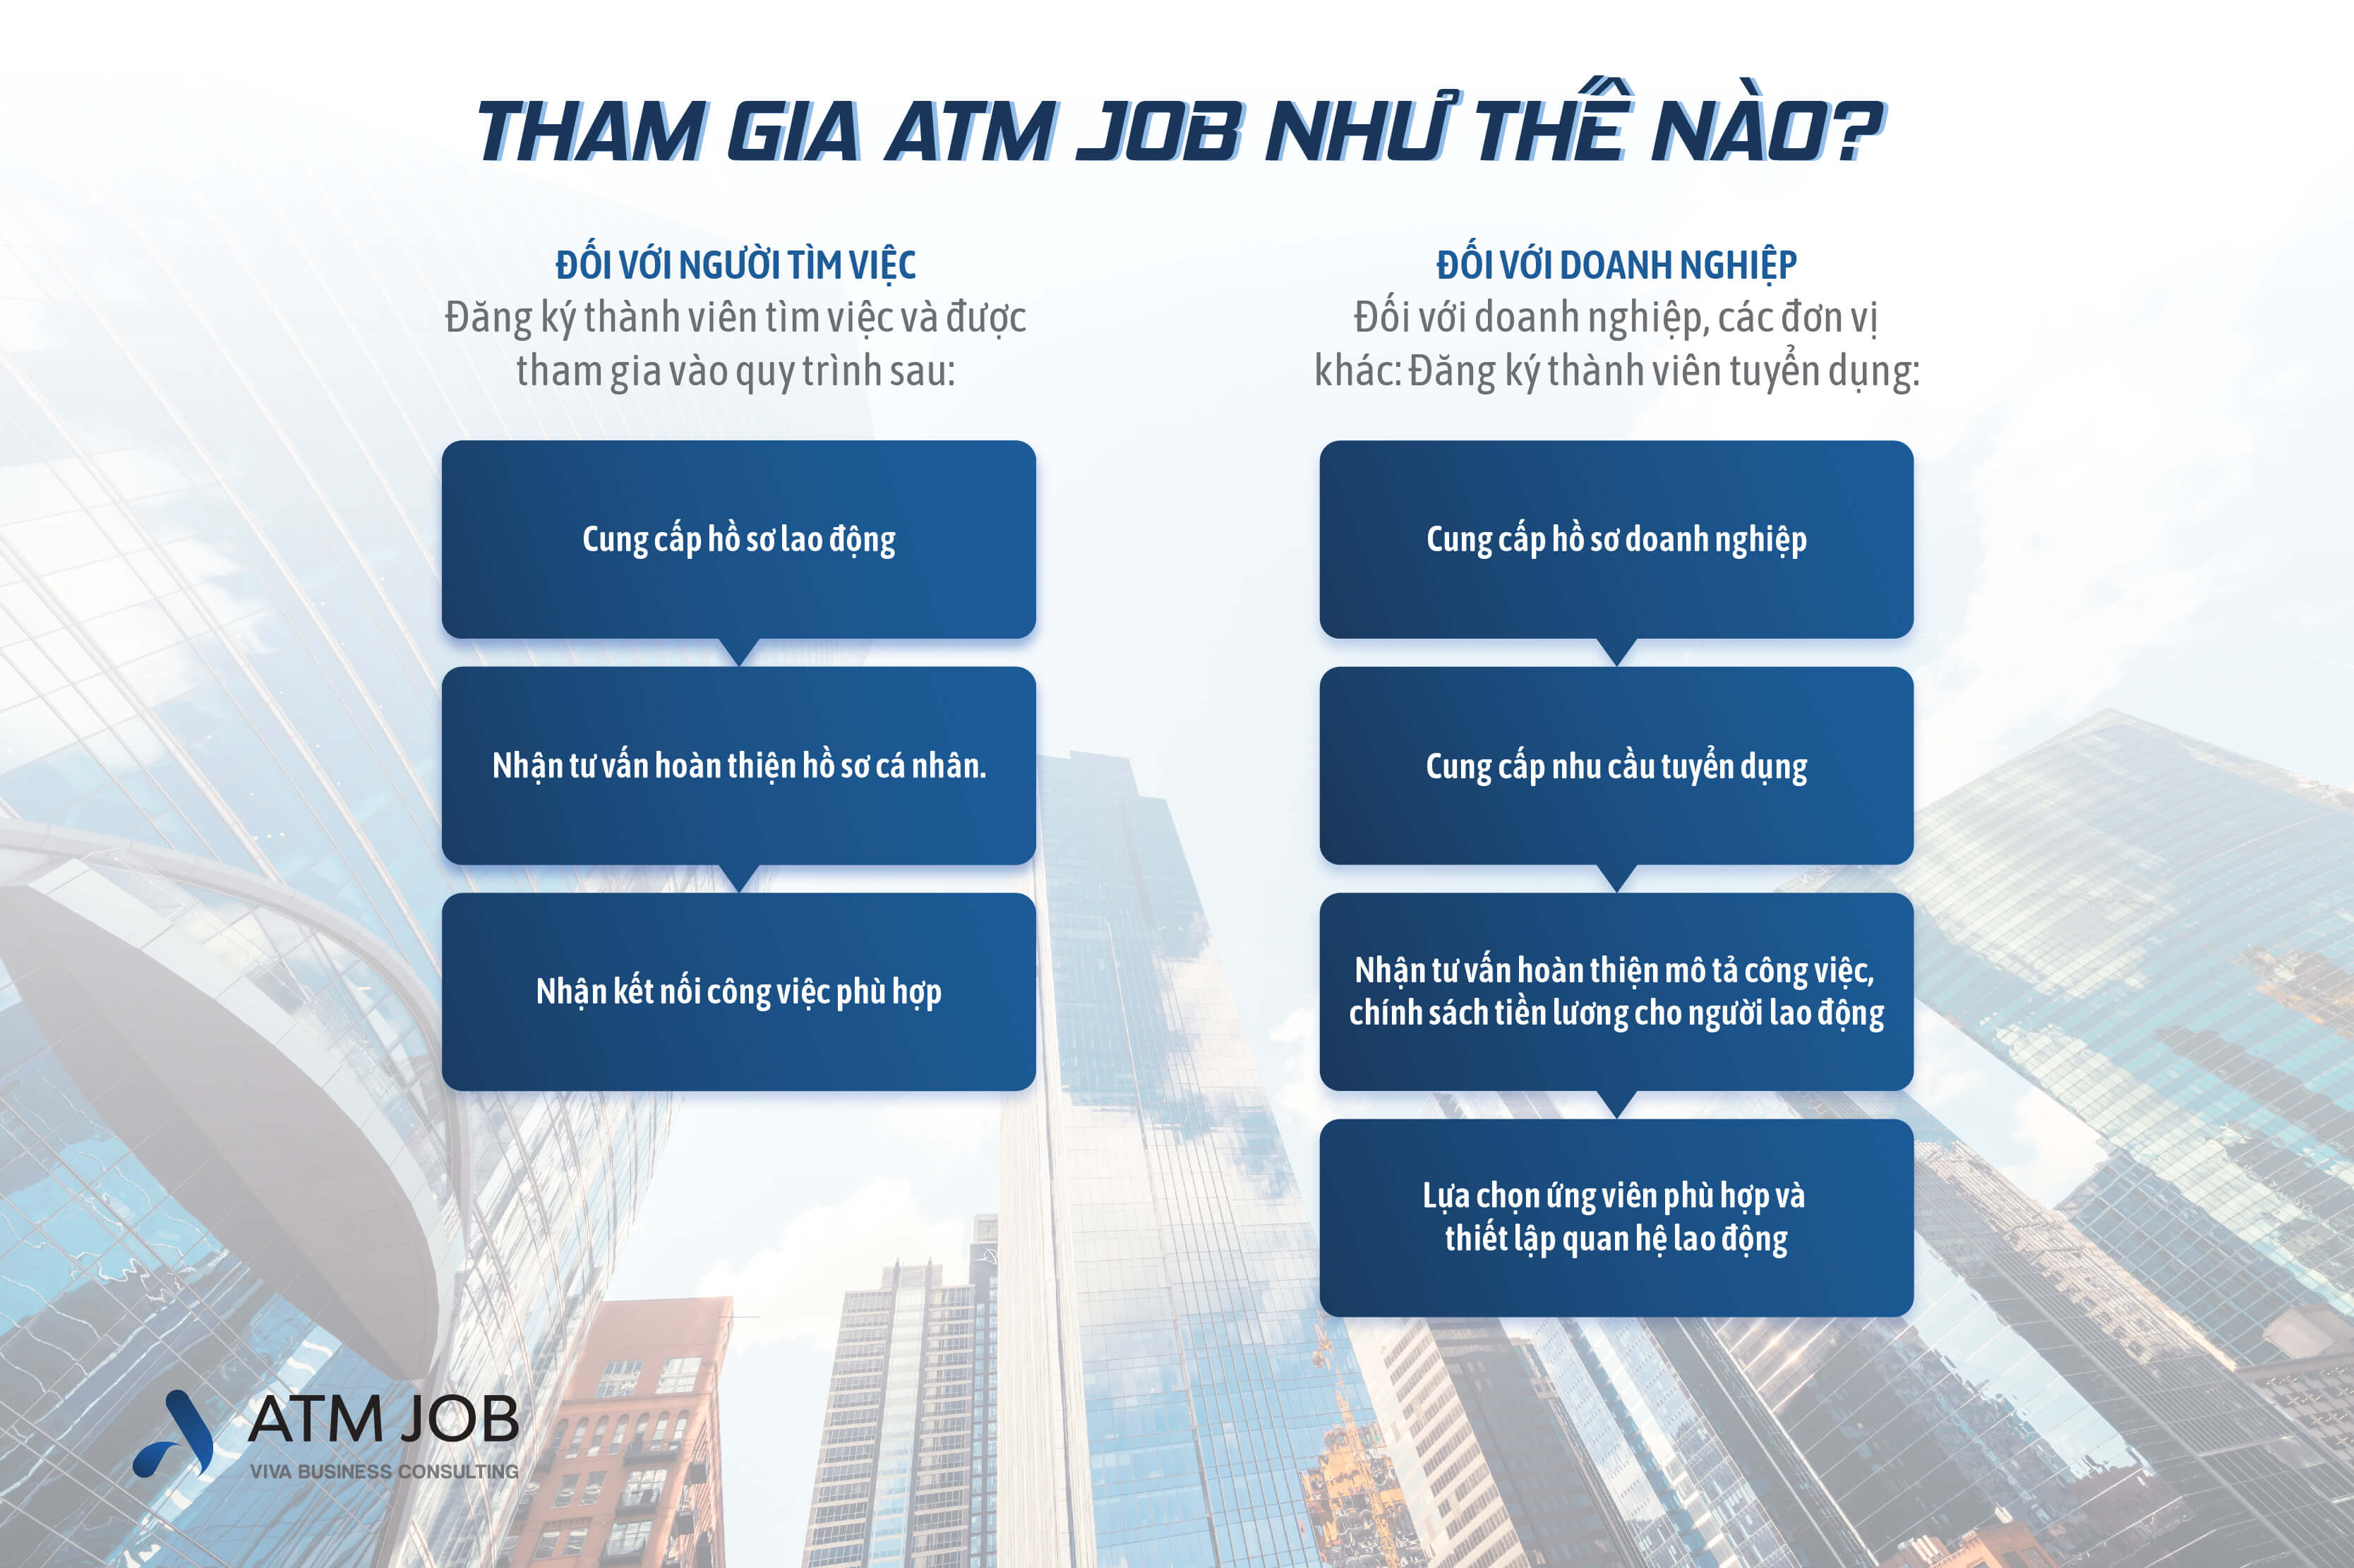 ATM Job - Cách thức tham gia